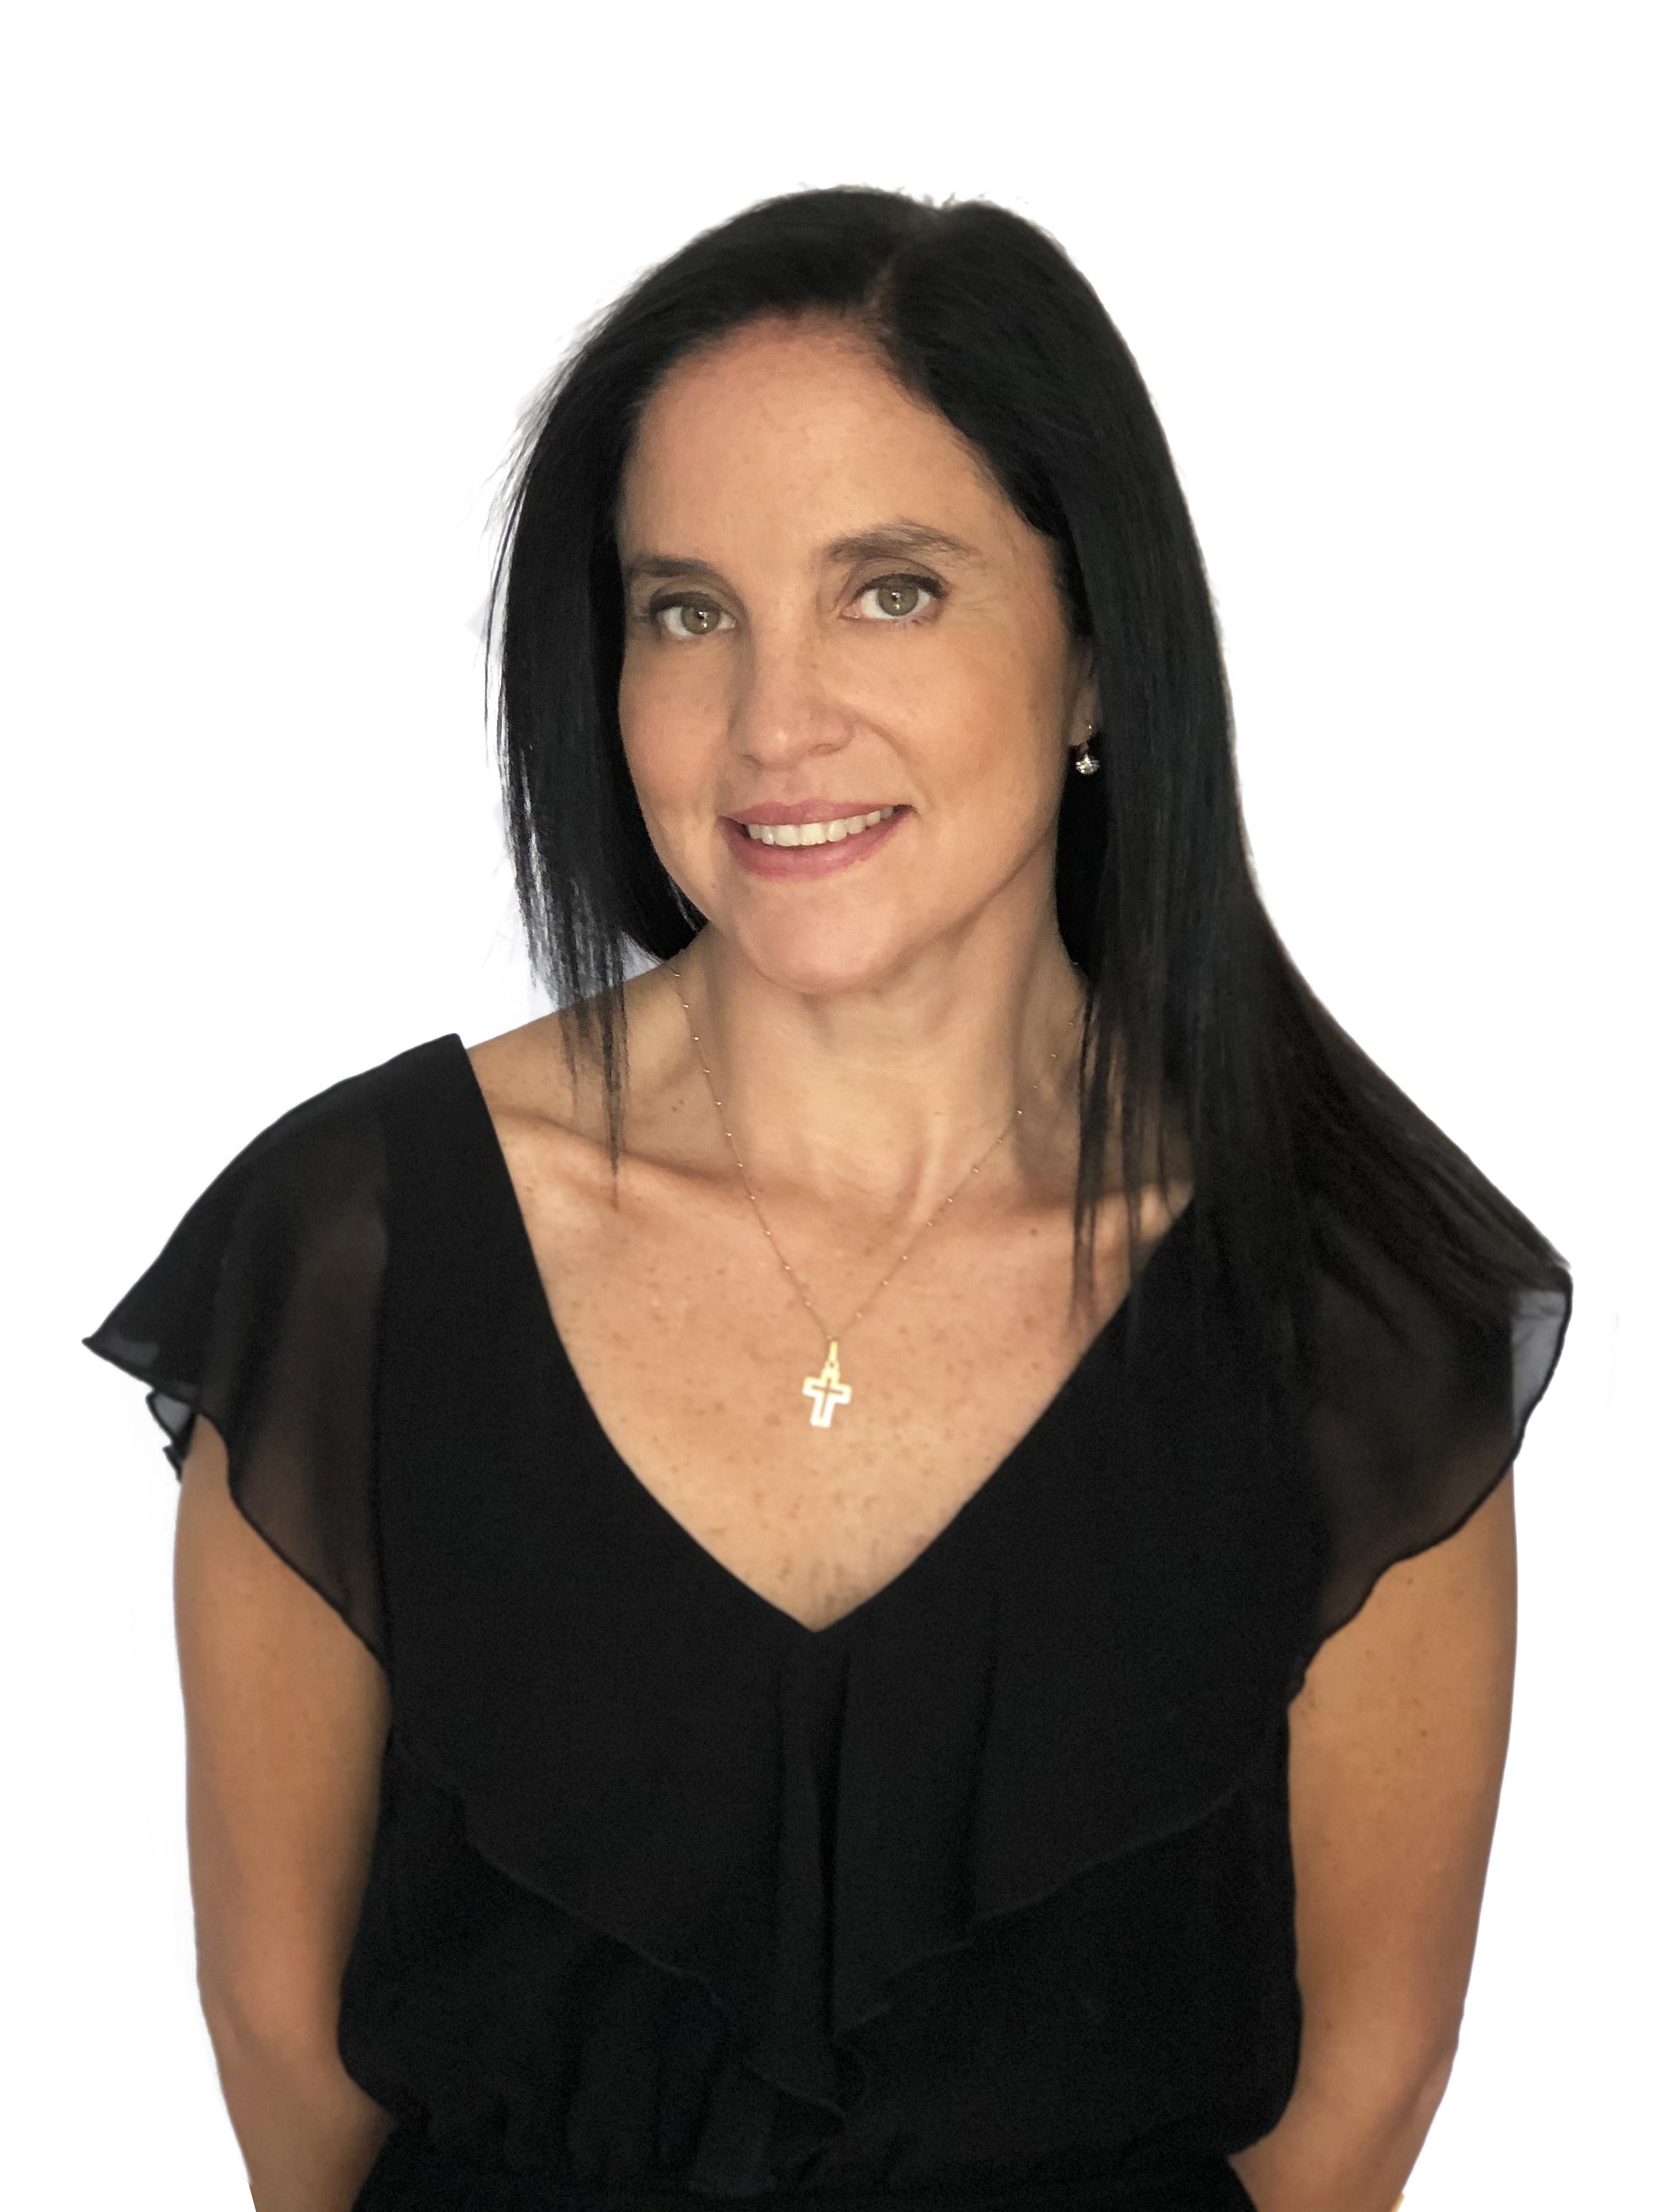 Maria jose borquez 03